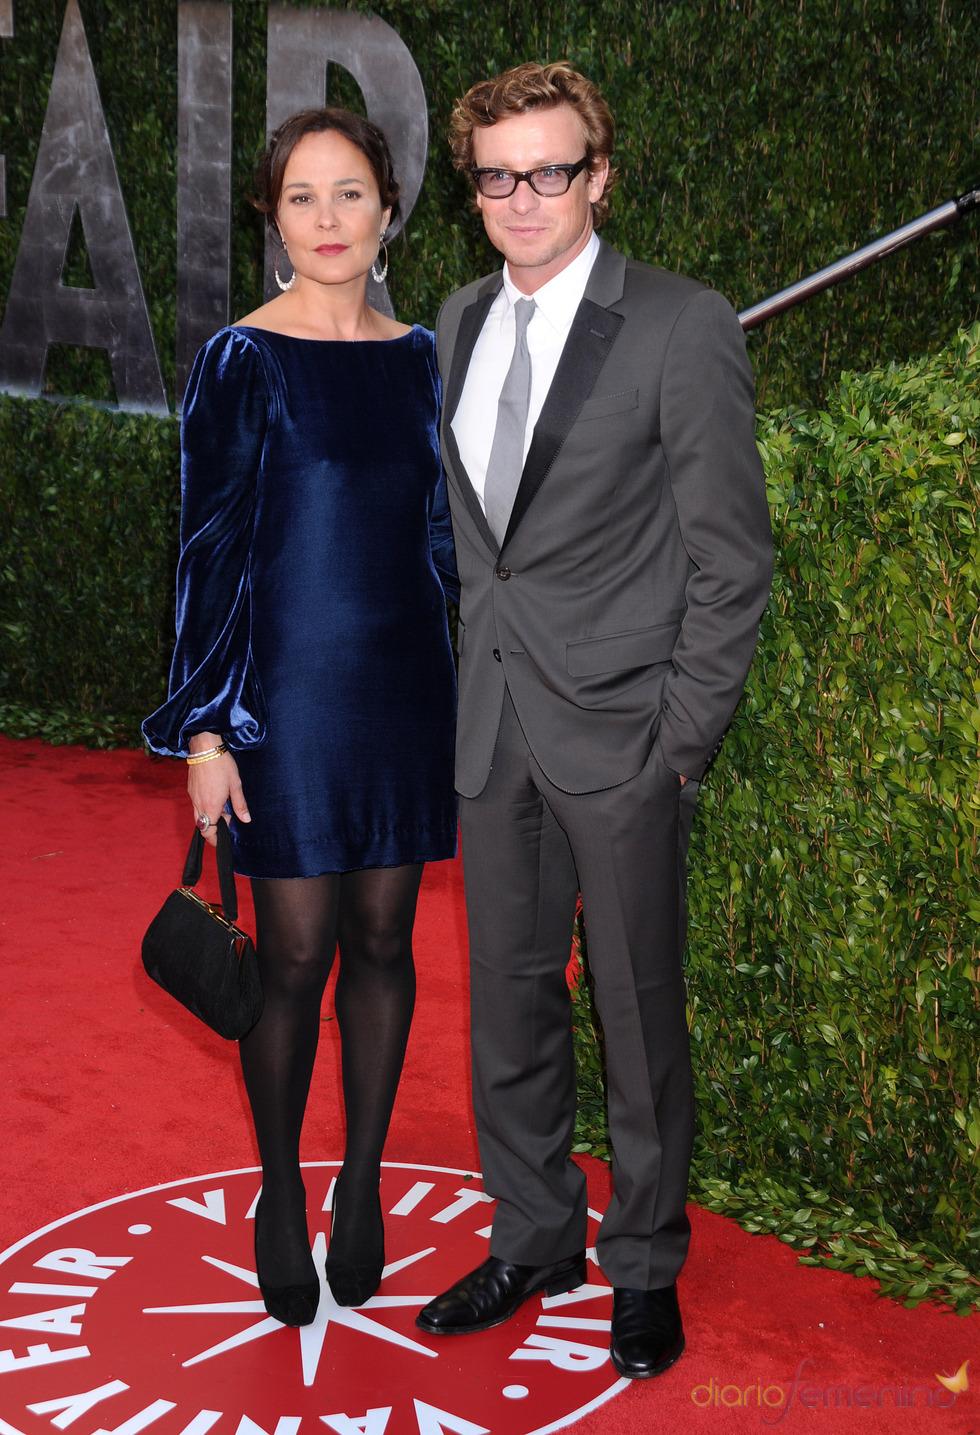 Simon Baker y Rebbeca Rigg en la fiesta Vanity Fair Oscar 2010